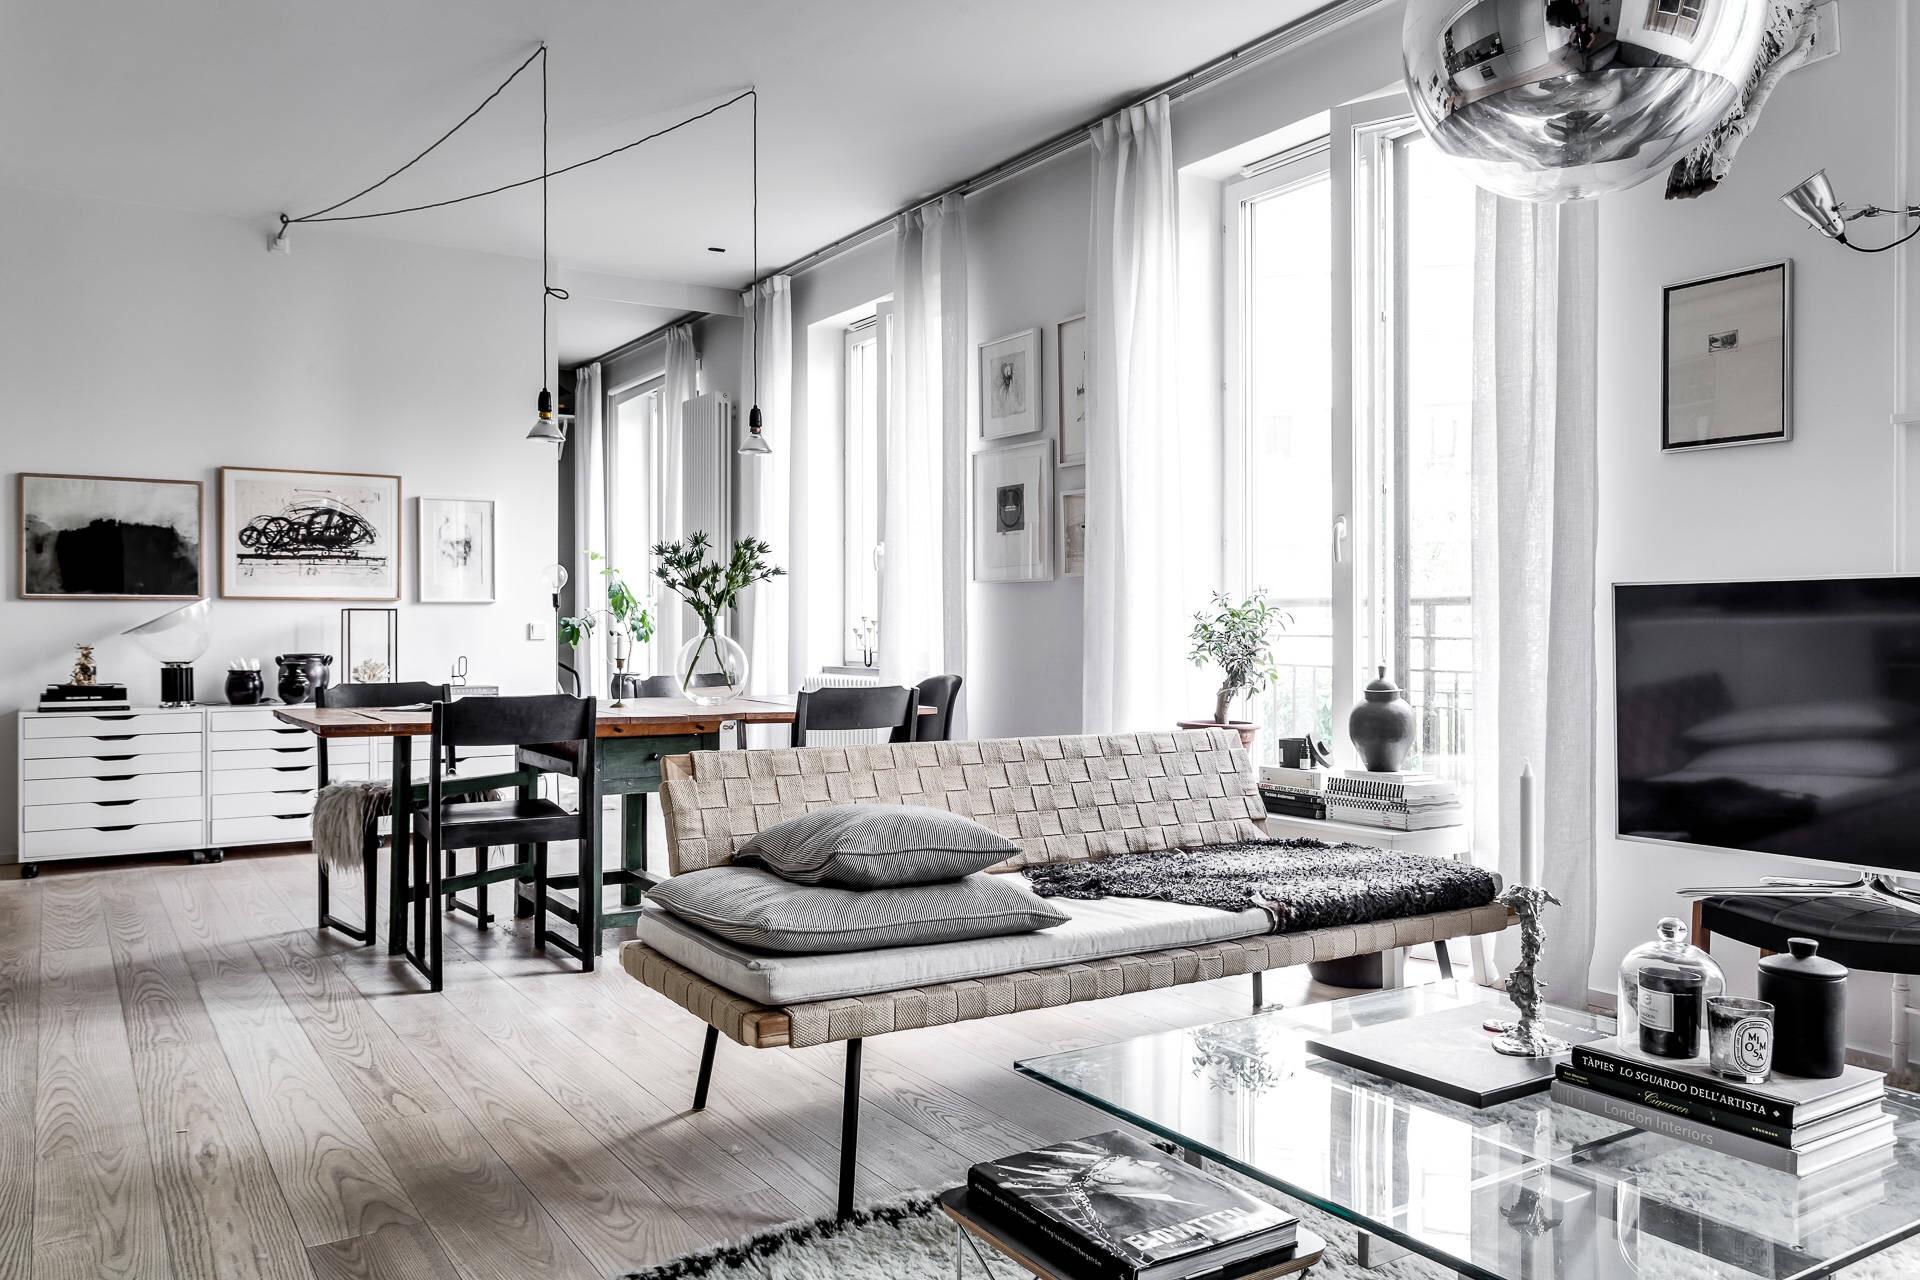 гостиная диван окна деревянный пол